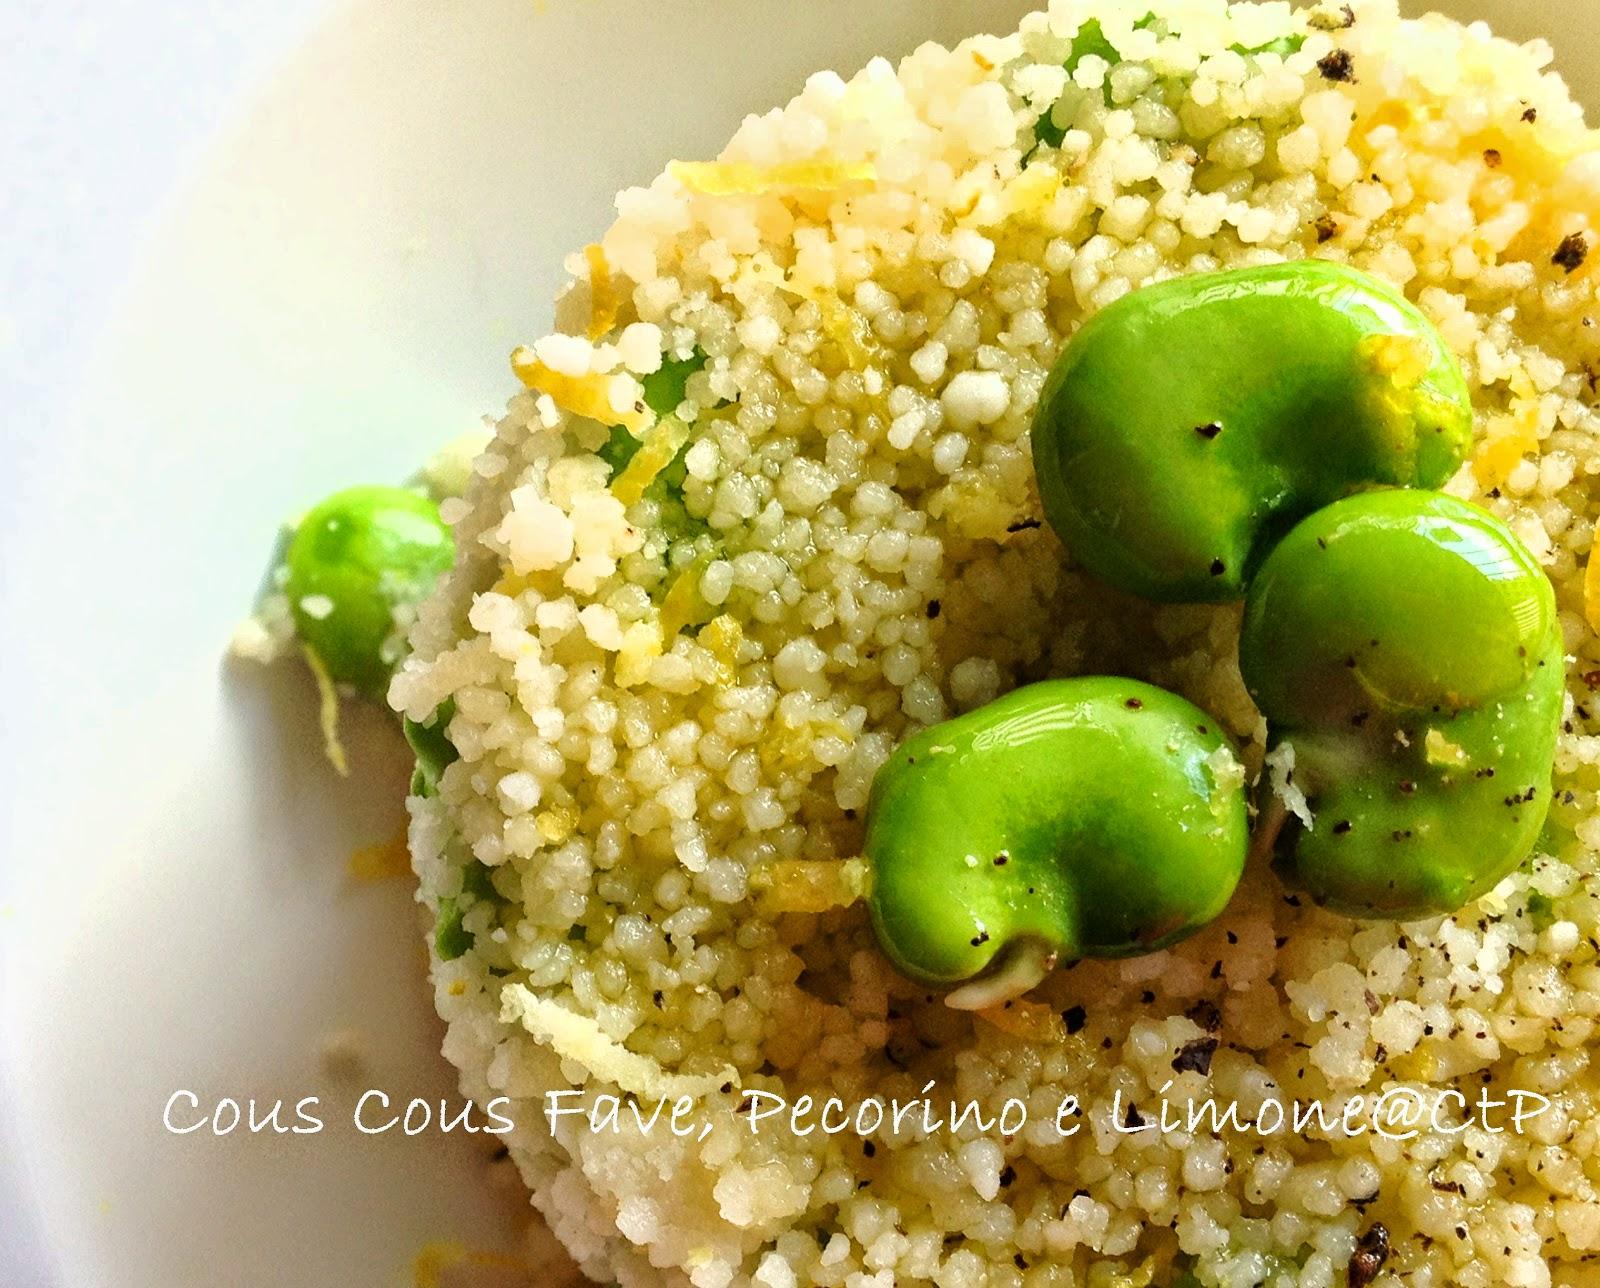 icetta cous cous freddo fave limone menta pepe zenzero orienta un rivisitazione del 1 maggio a roma fave e pecorino